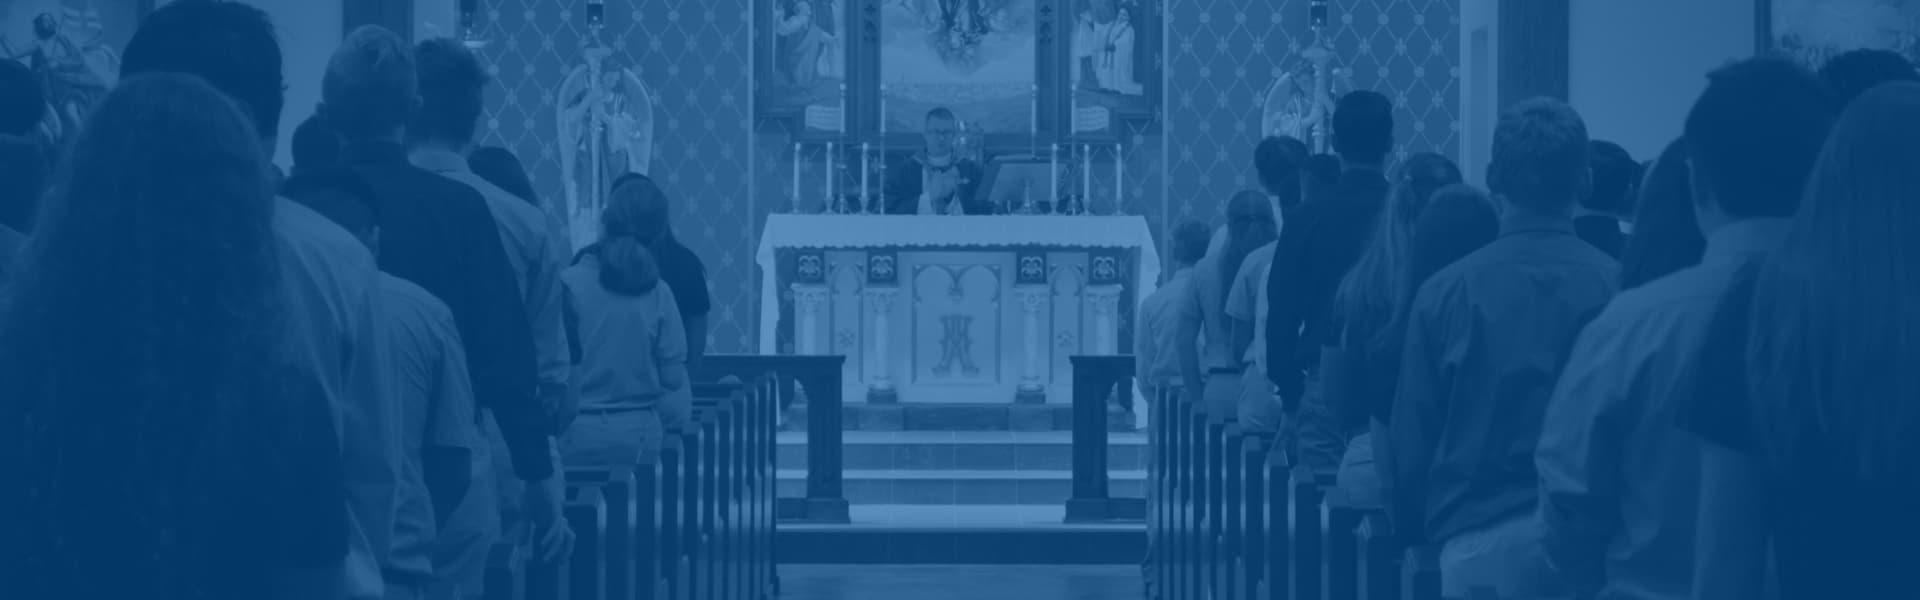 About Bishop Dwenger